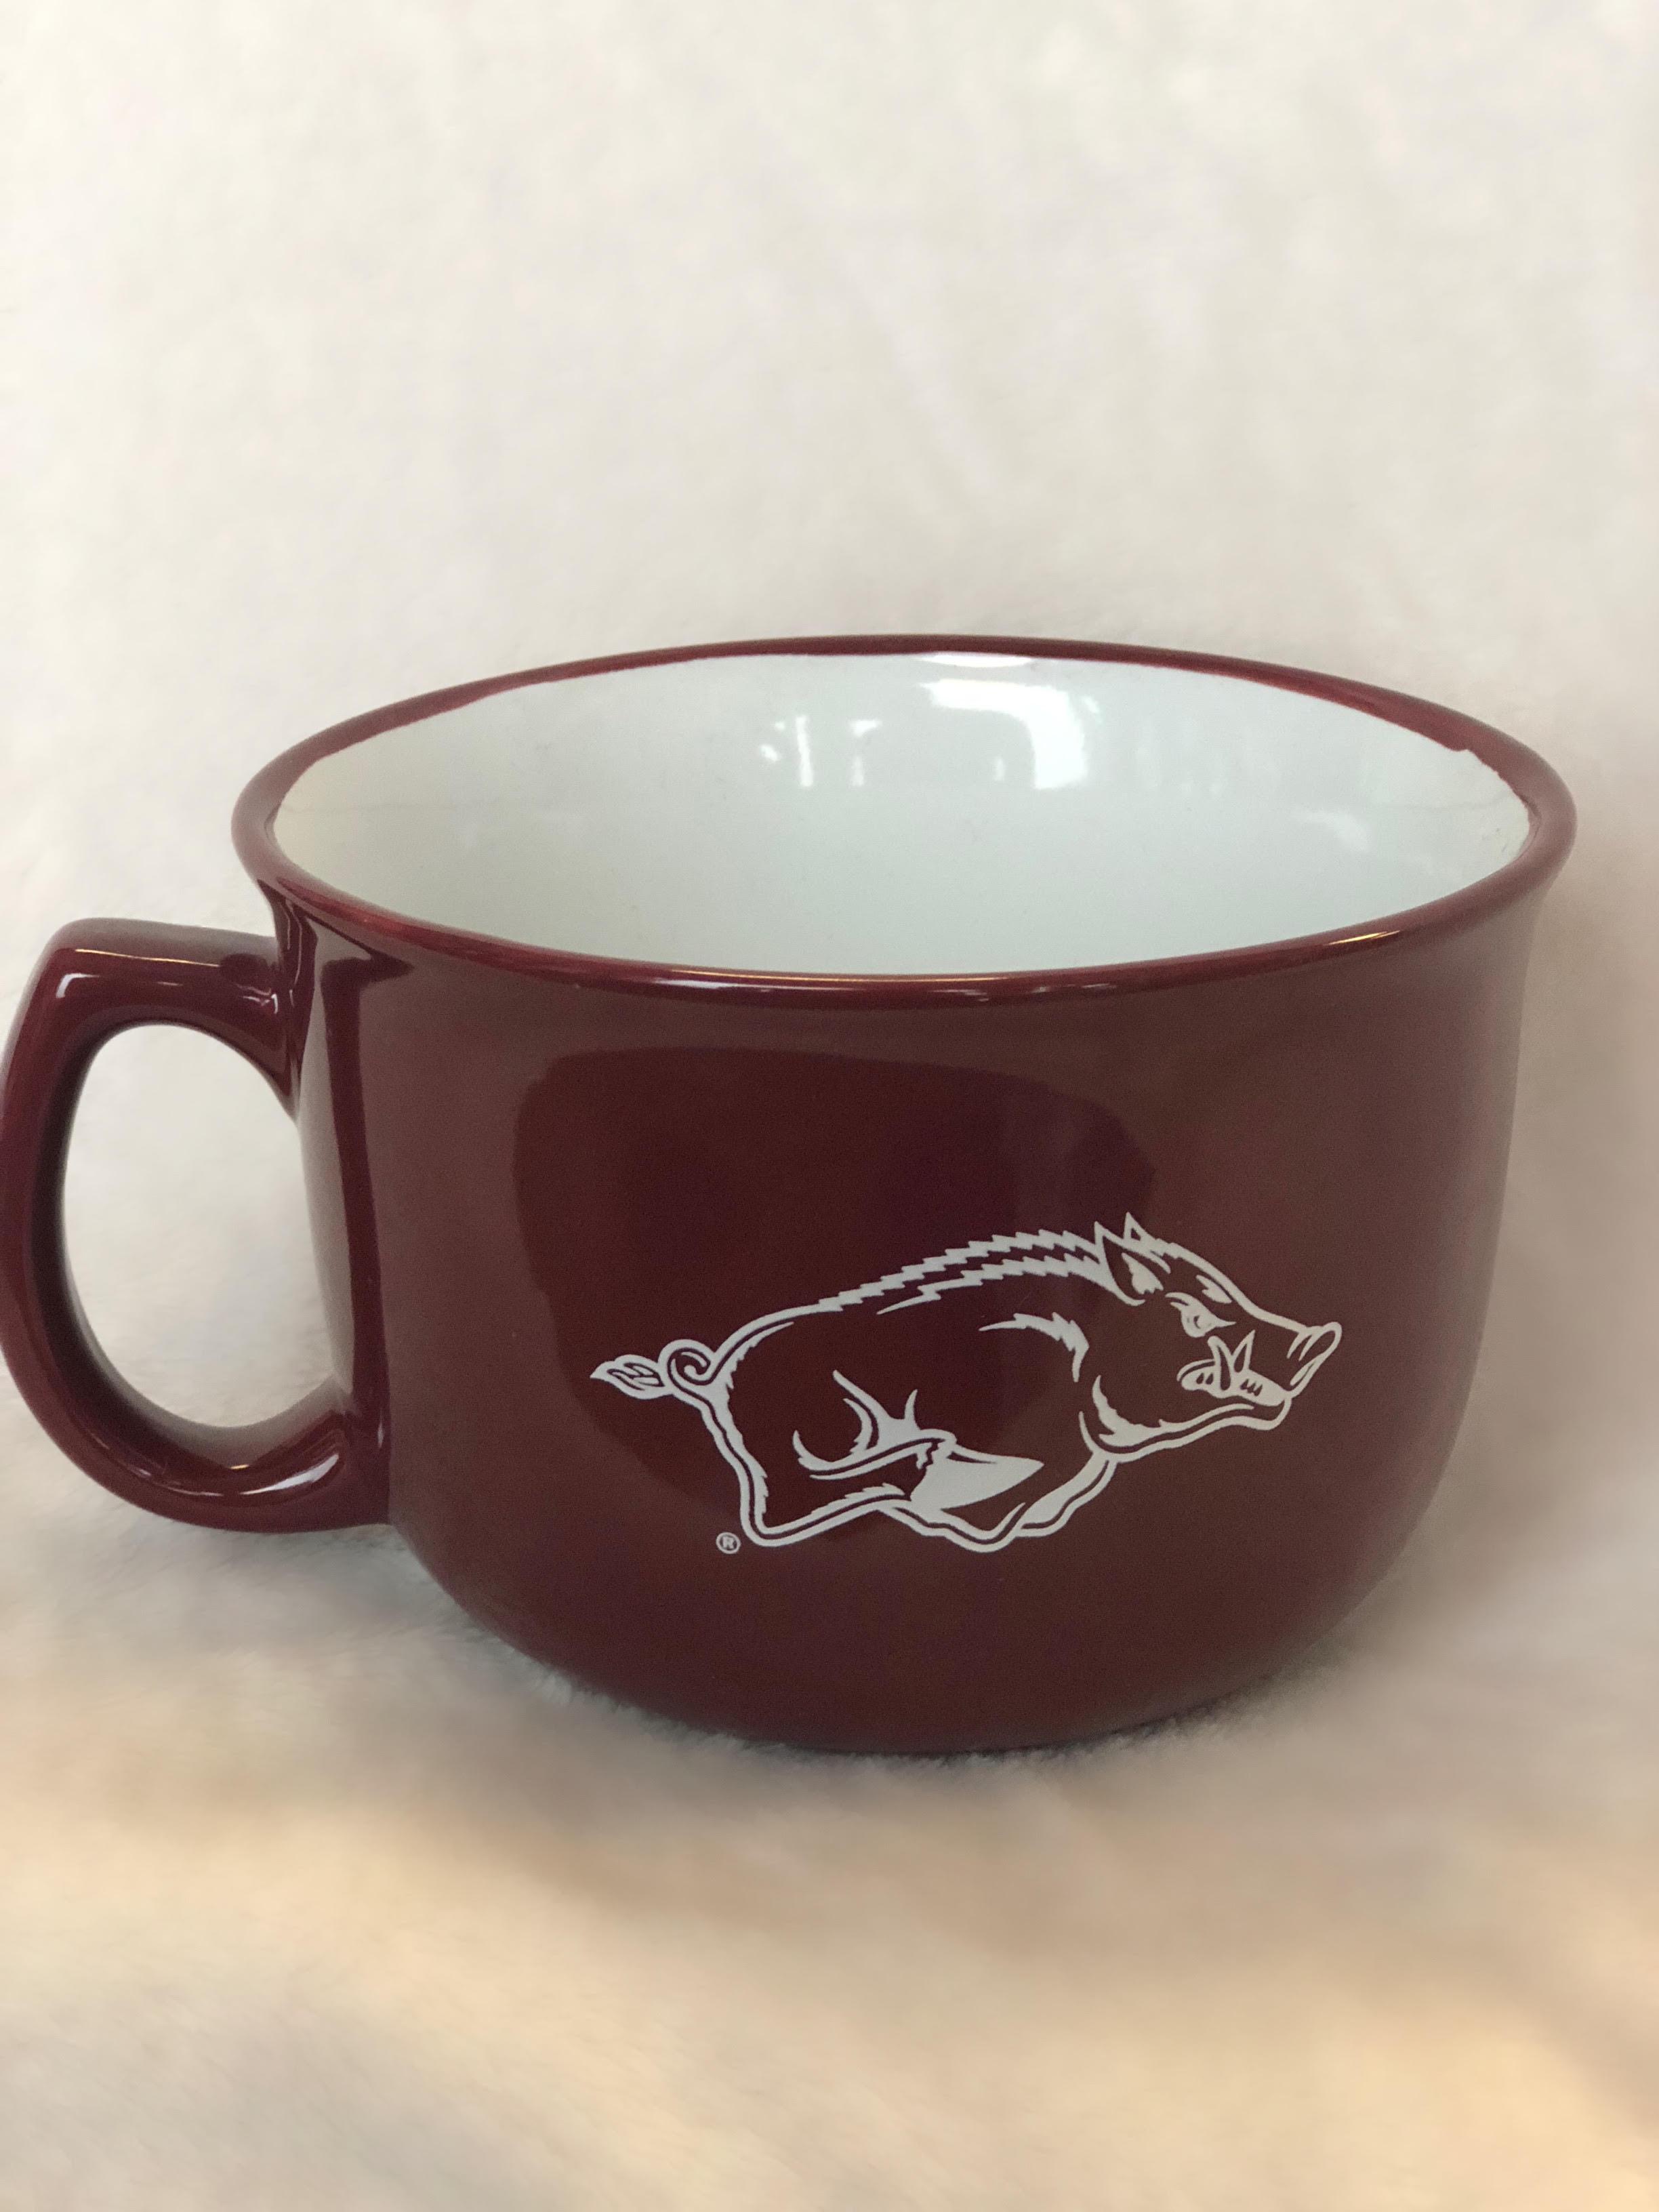 Big Hog Mug